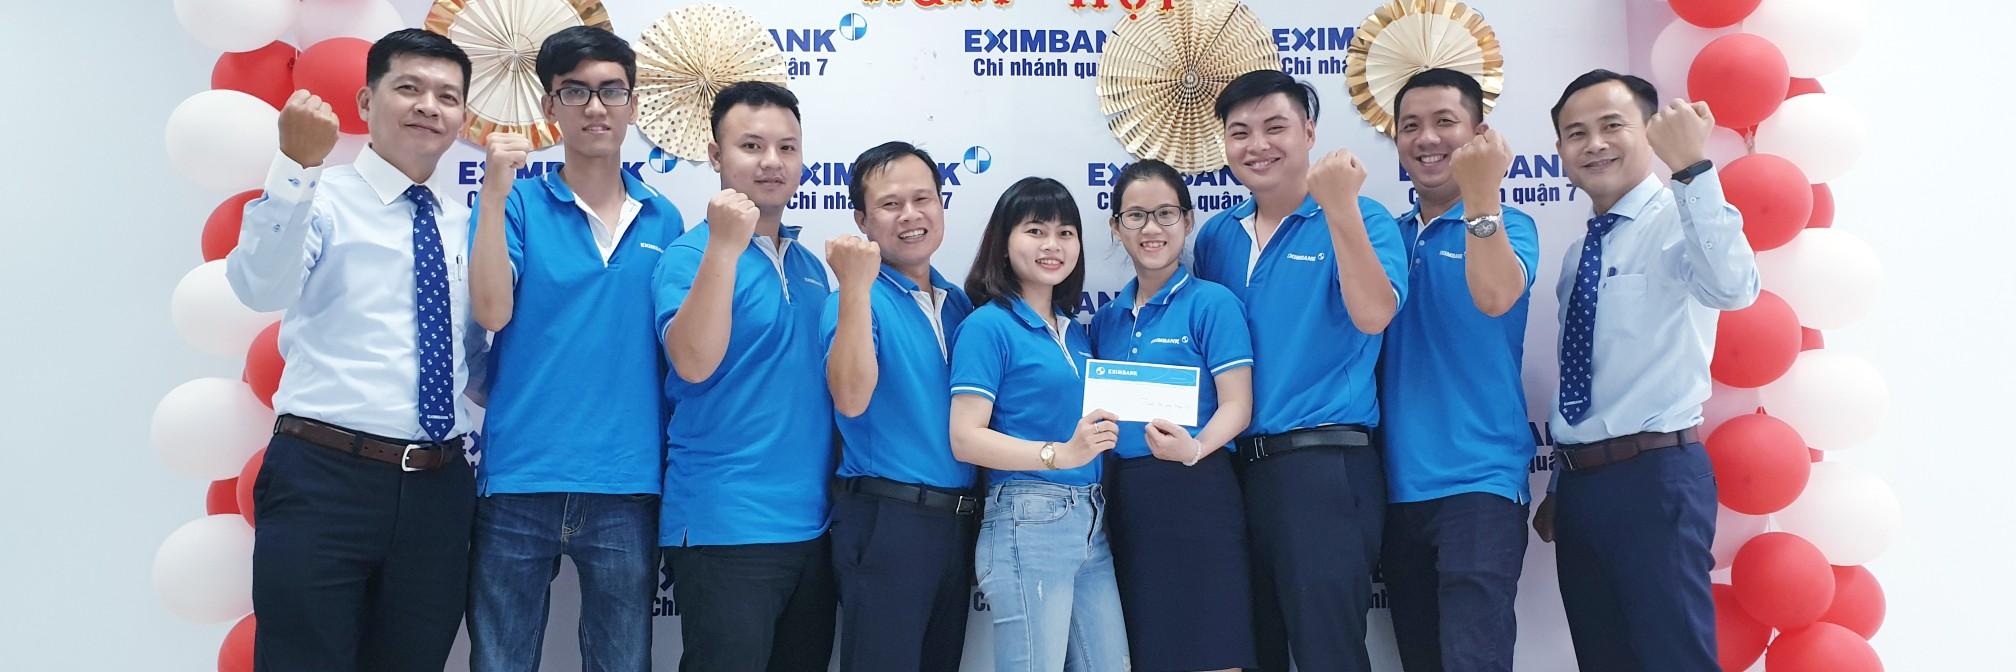 Eximbank Quận 7